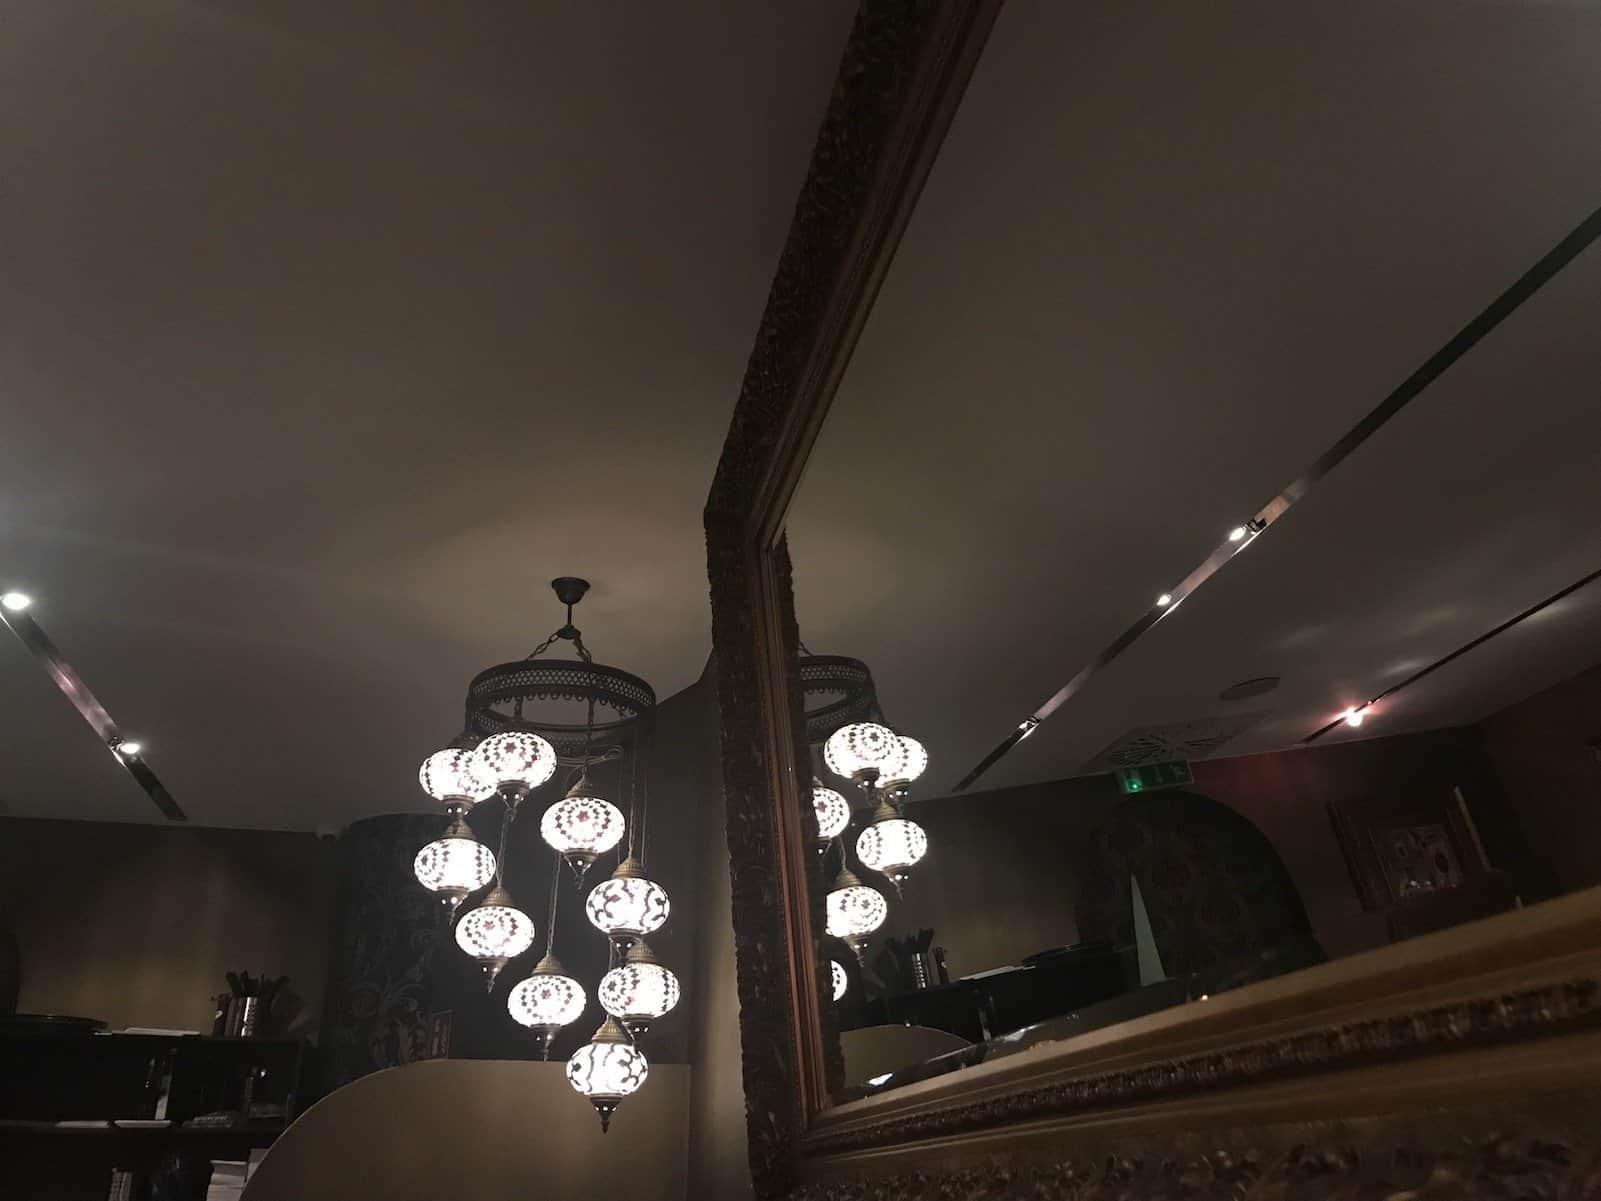 Lampe im Sultan Saray in der Lautenschlagerstrasse in Stuttgart